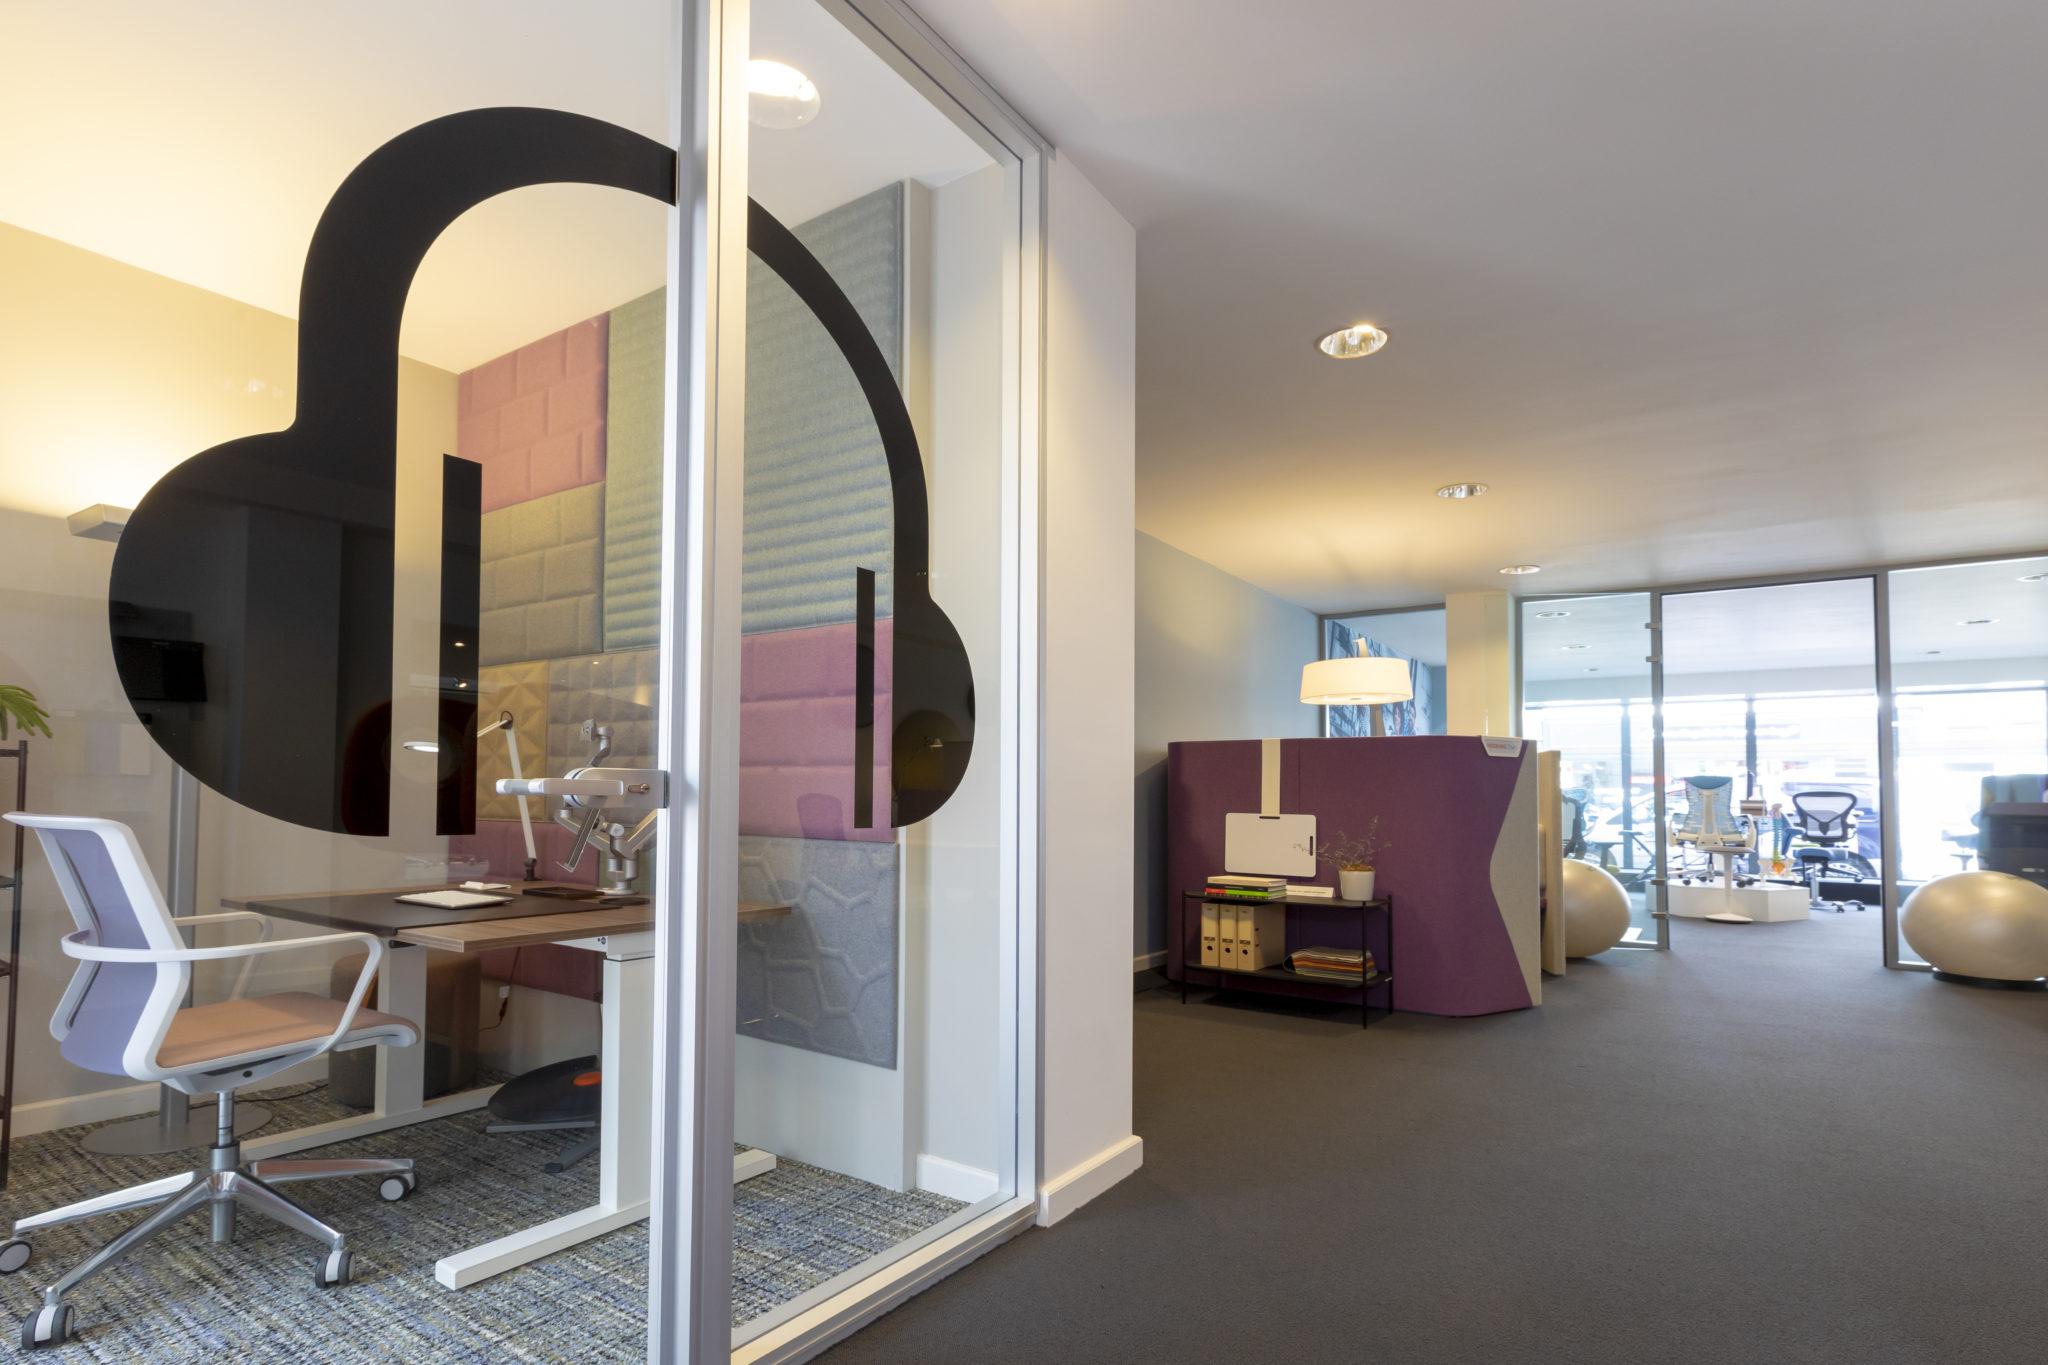 Stilte-unit met scheidingswanden Heering Office Den Haag